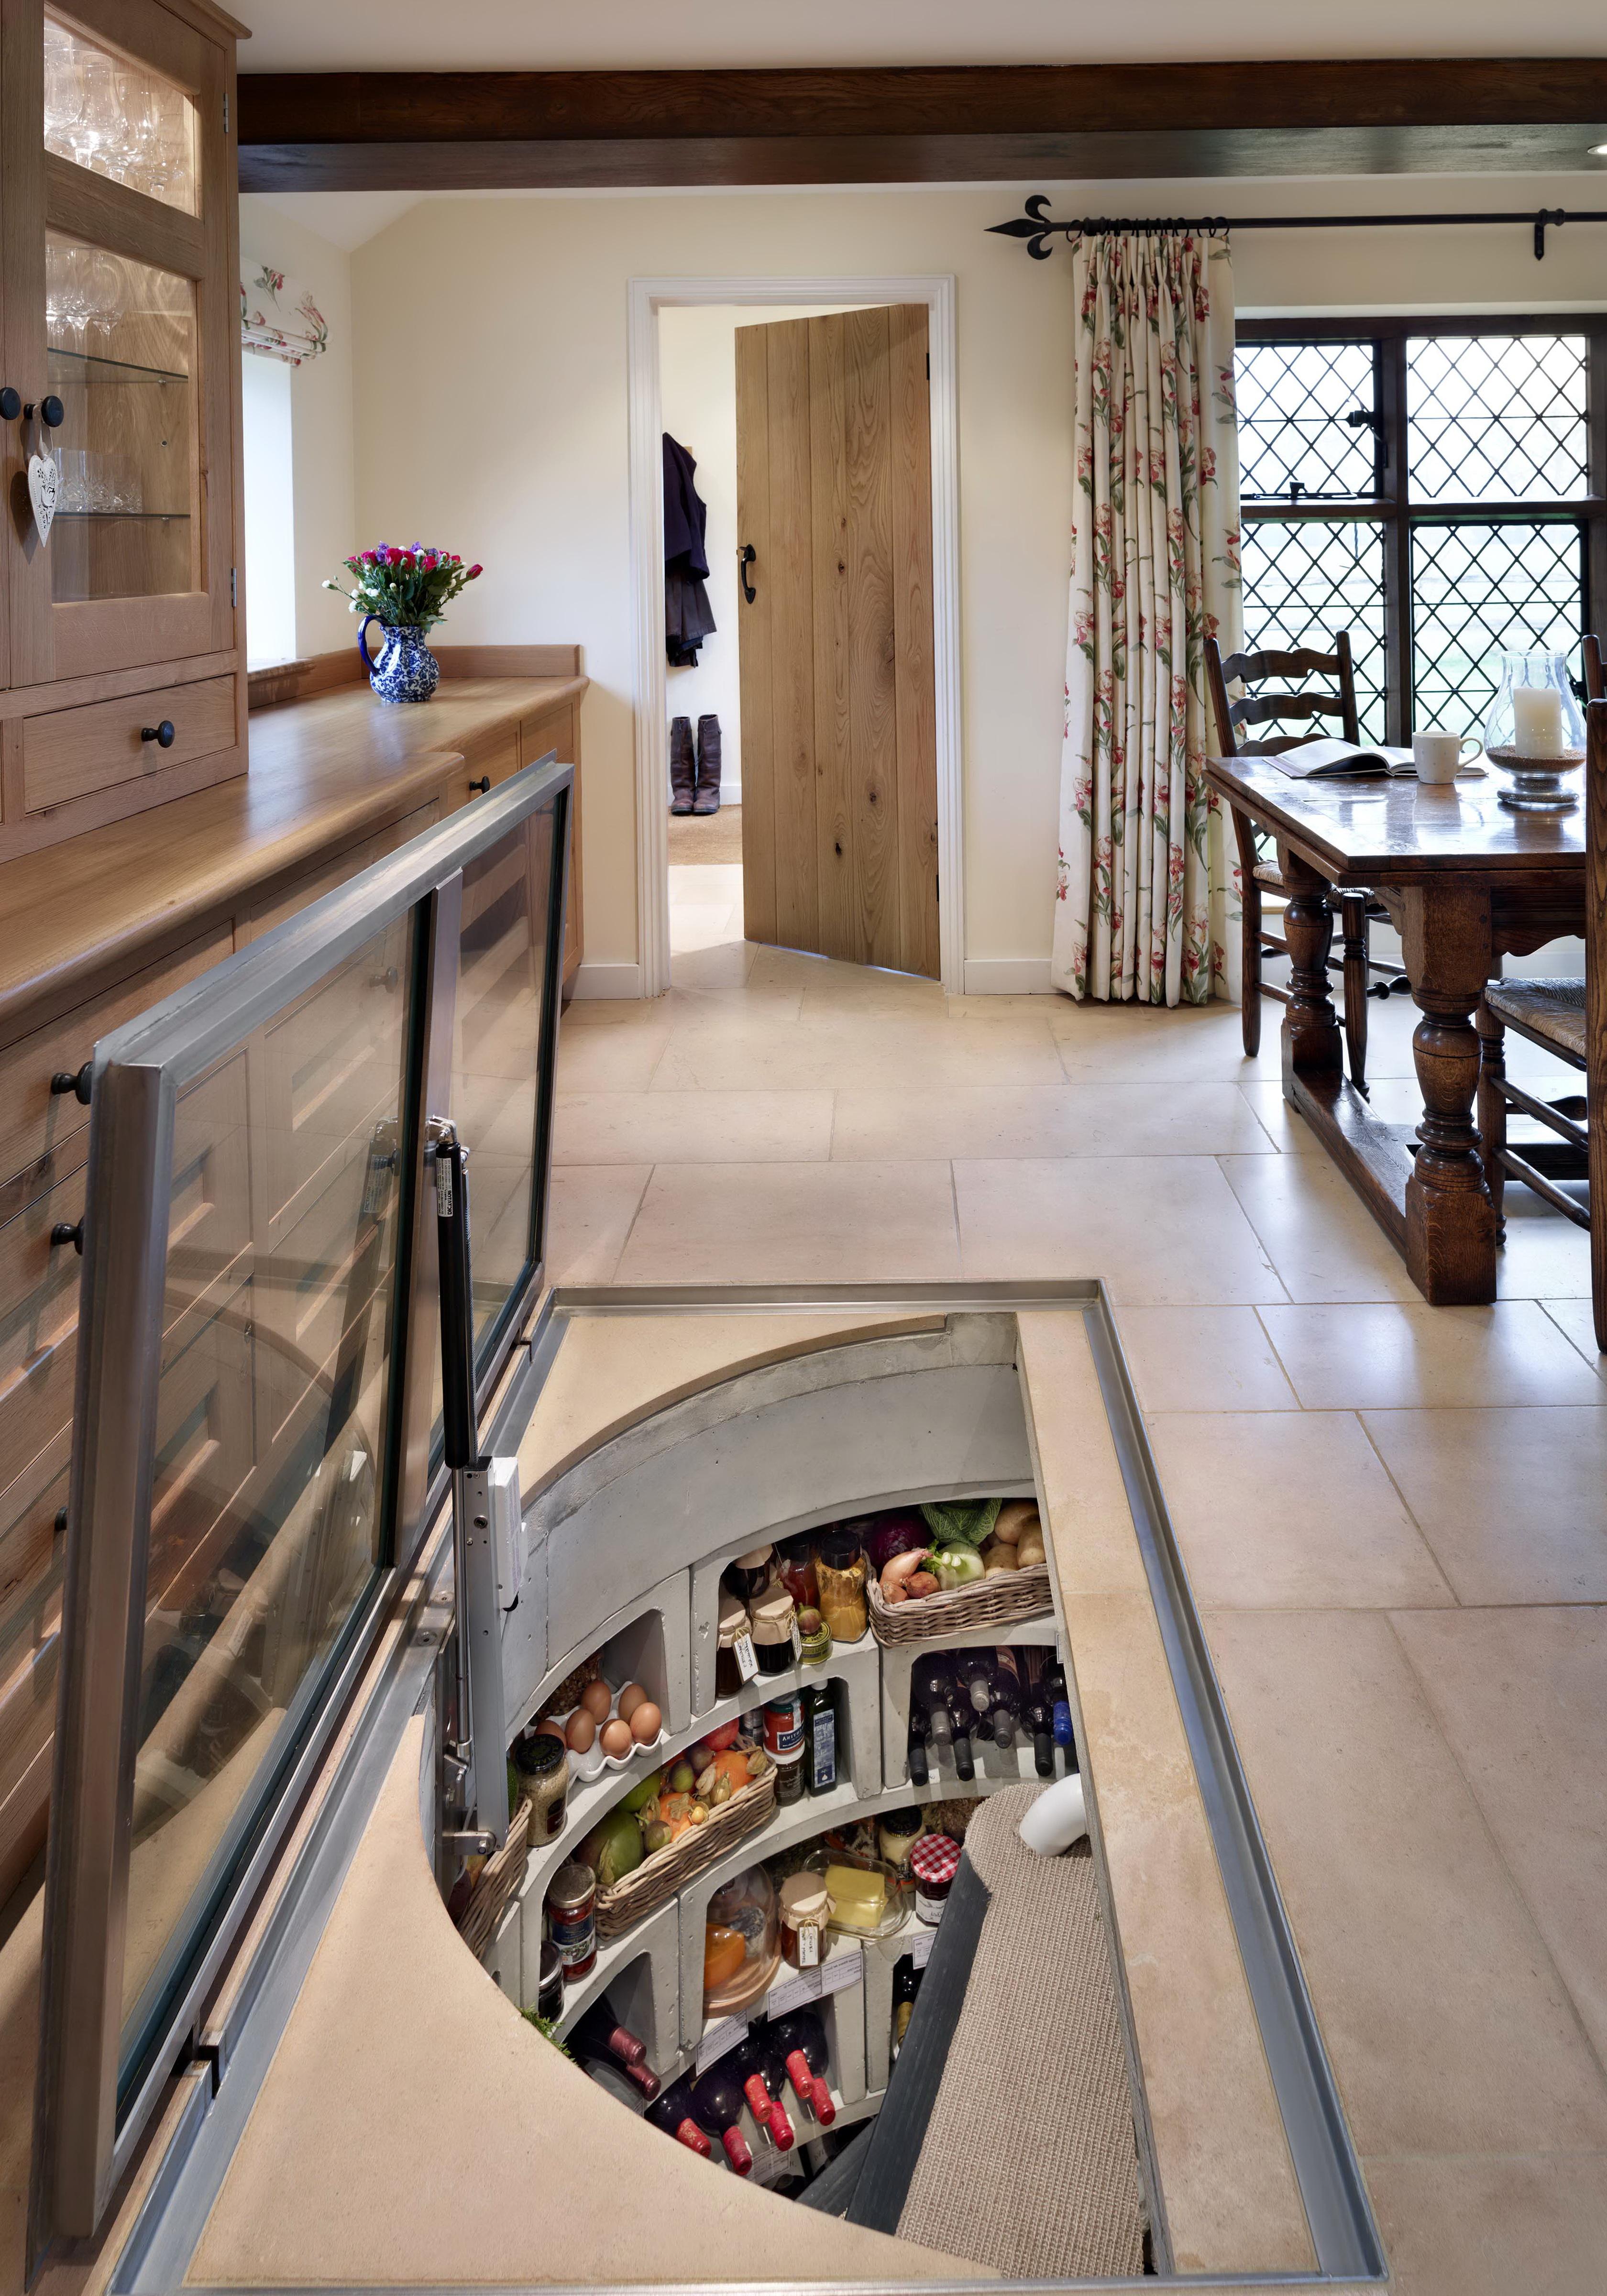 Kitchen Underground Wine Cellar | Home Design Ideas